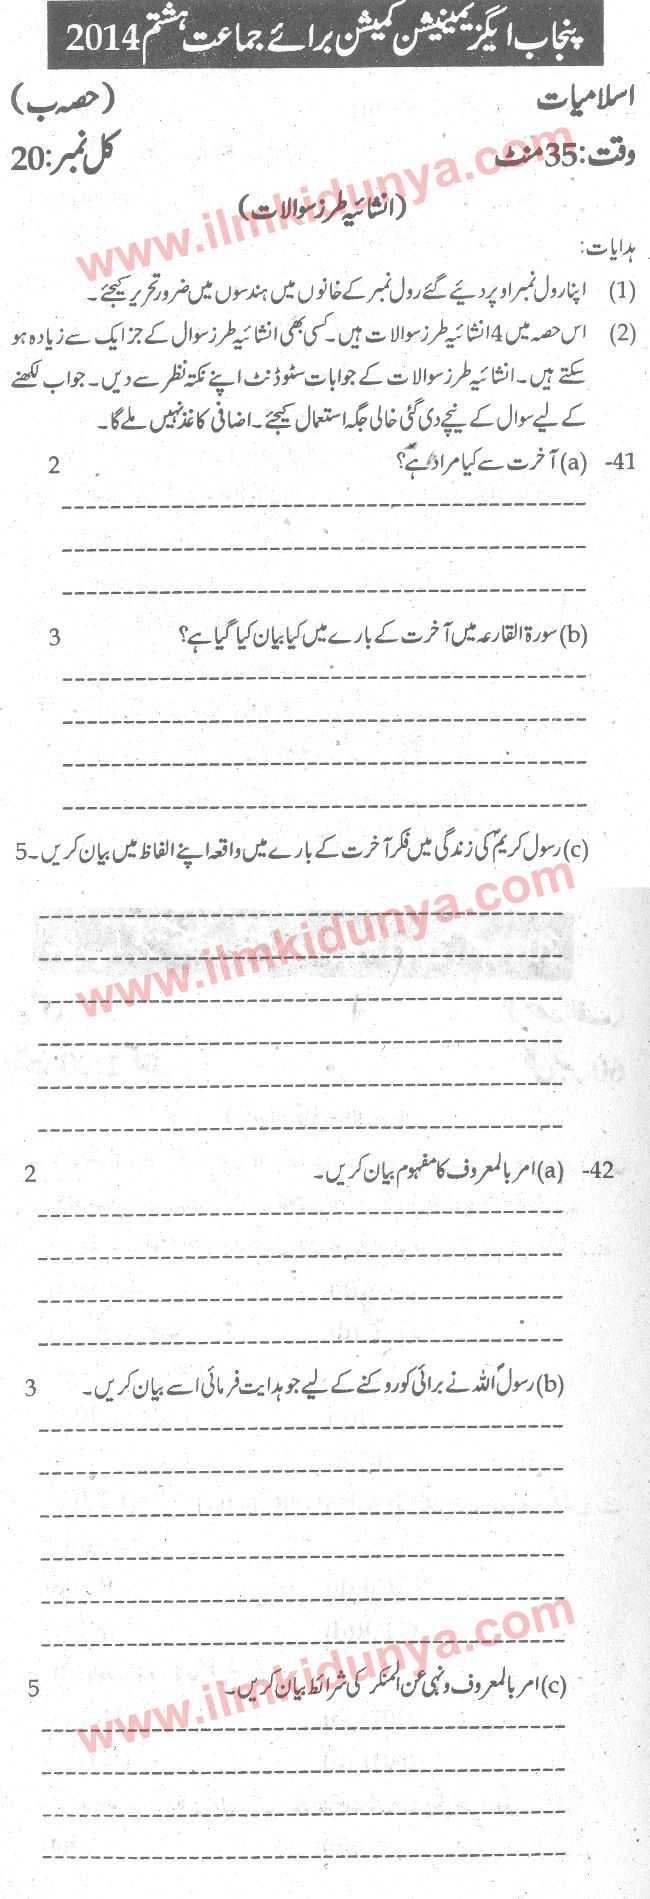 📚 ਬਾਹਰਵੀਂ ਬੋਰਡ ਪਰੀਖਿਆ - پنجاب ایگزیمینیشن کمیشن برائے جماعت شتم 2014 | اسلاميات ( حصب ) | وتی : 35 کل نمبر : 20 | ہدایات : . ya ر اس پر سوالات ) www . il ( 1 ) اپنا رول نمبر اوپر دیئے گئے رول نمبر کے خانوں میں ہندسوں میں ضرورتقریر کیجئے ۔ ( 2 ) اس حصہ میں وانشاسیطرزسوالات ہیں ۔ کسی بھی انشائیٹرزسوال کے جز ایک سے زیادہ ہو سکتے ہیں ۔ انشائی طرزسوالات کے جوابات سٹوڈنٹ اپنے نکتہ نظر سے دیں ۔ جواب لکھنے کے لیے سوال کے نیچے دی گئی خالی جگہ استعال کئے ۔ اضافی کاغذ نہیں ملے گا ۔ 41 - ( a ) آخرت سے کیا مراد ہے ؟ . 2 ( b ) سورة القارعہ میں آخرت کے بارے میں کیا بیان کیا گیا ہے ؟ . 3 ( c ) رسول کریم کی زندگی میں فکر آخرت کے بارے میں واقع اپنے الفاظ میں بیان کریں ۔ 5 | - - WWW . Triduriya . com | | | | 42 - ( a ) امر بالمعروف کا مفہوم بیان کریں ۔ - | 1 - - - - - - - - - - - - - - - - - I | 1 - - | | ( b ) رسول اللہ نے برائی کو روکنے کے لیے جو ہدایت فرمائی اسے بیان کریں ۔ 3 | | | | 111 | | ( c ) امر بالمعروف و نہی عن المنکر کی شرائے dunya . com کریں ۔ ۔ ۔ ۔ ۔ ۔ I ! | - ShareChat